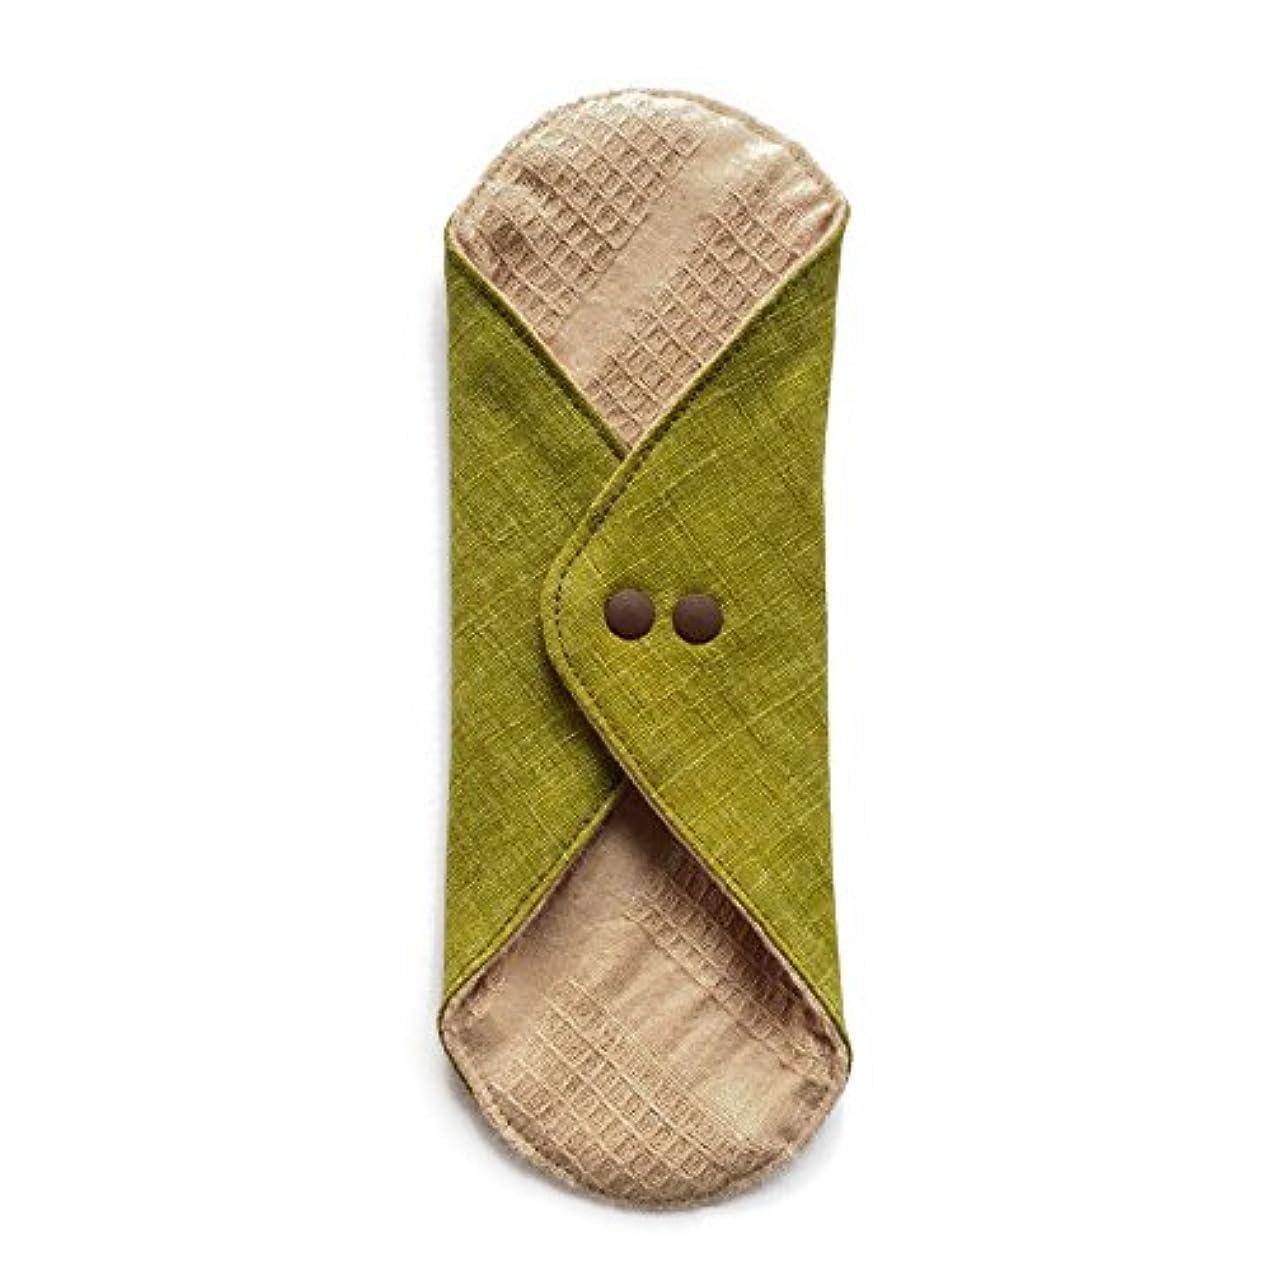 デジタル攻撃レオナルドダ華布のオーガニックコットンのあたため布 Lサイズ (約18×約20.5×約0.5cm) 彩り(抹茶)